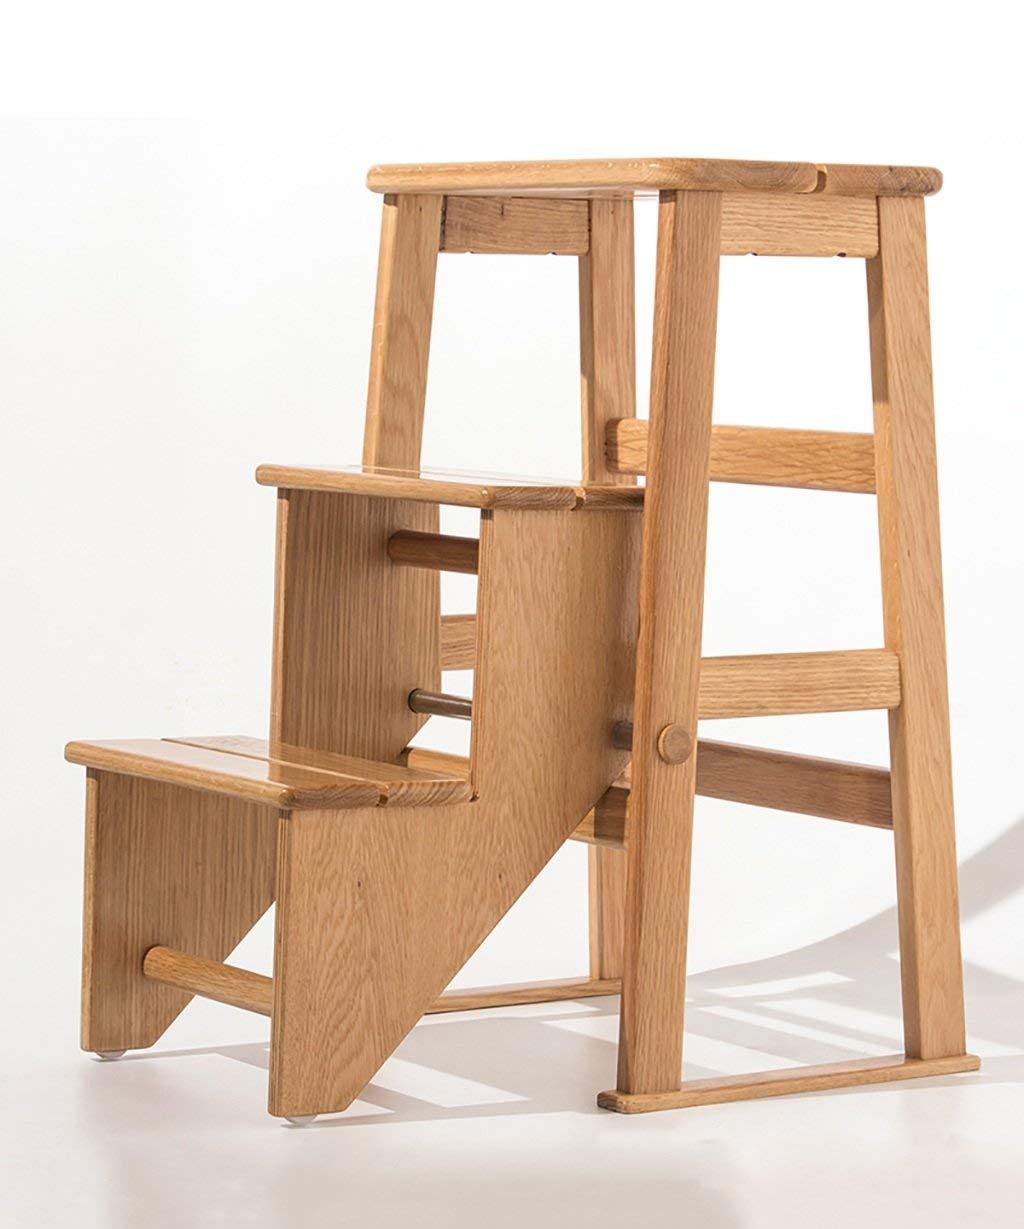 Jiaz Muebles/Estantería/Estantería de almacenamiento Plegable 3 peldaños Escaleras de madera maciza Escalera Taburete-Escalar Taburete escalonado Multifunción Doble uso Estante para flores Estant: Amazon.es: Bricolaje y herramientas